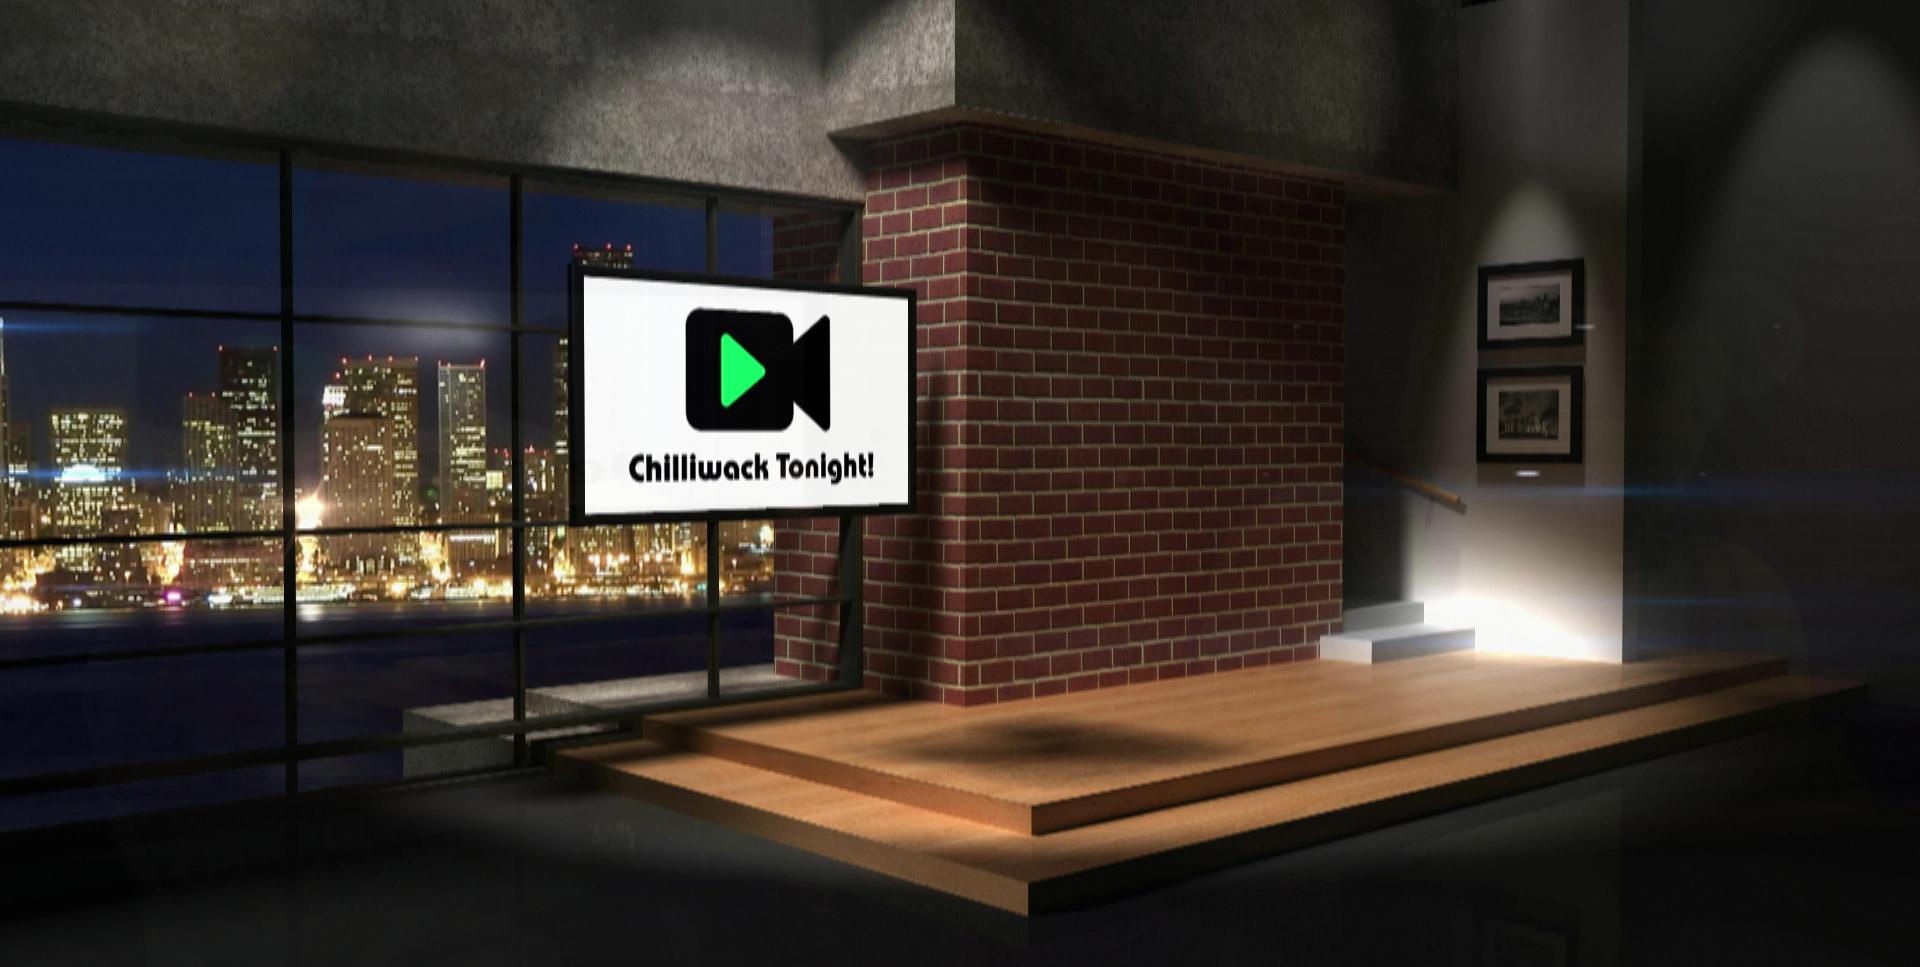 Chilliwack Tonight!